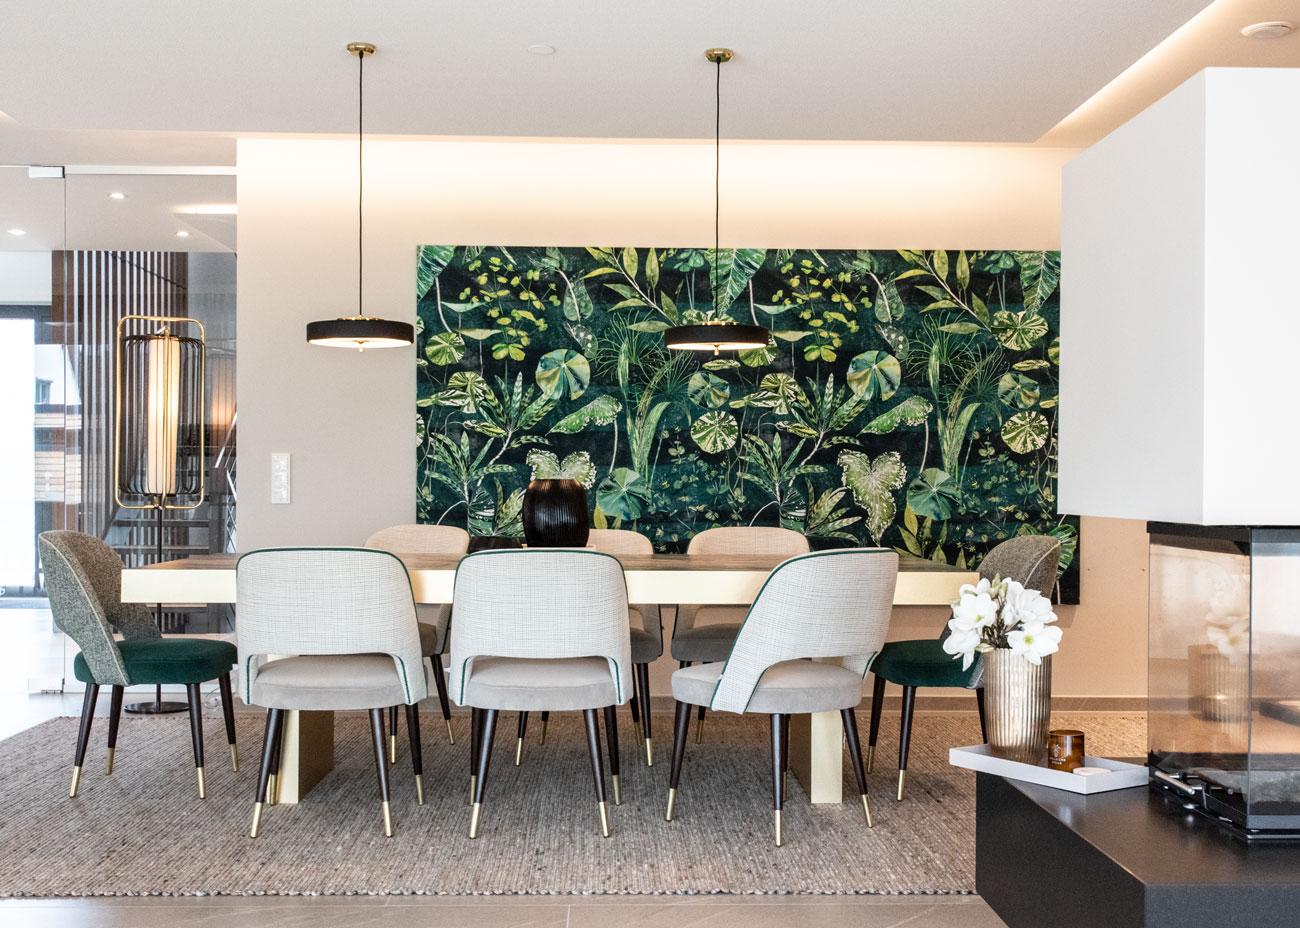 haus einrichten essbereich tisch messing stühle teppich hausbar leuchten kamin wandbild pflanzen